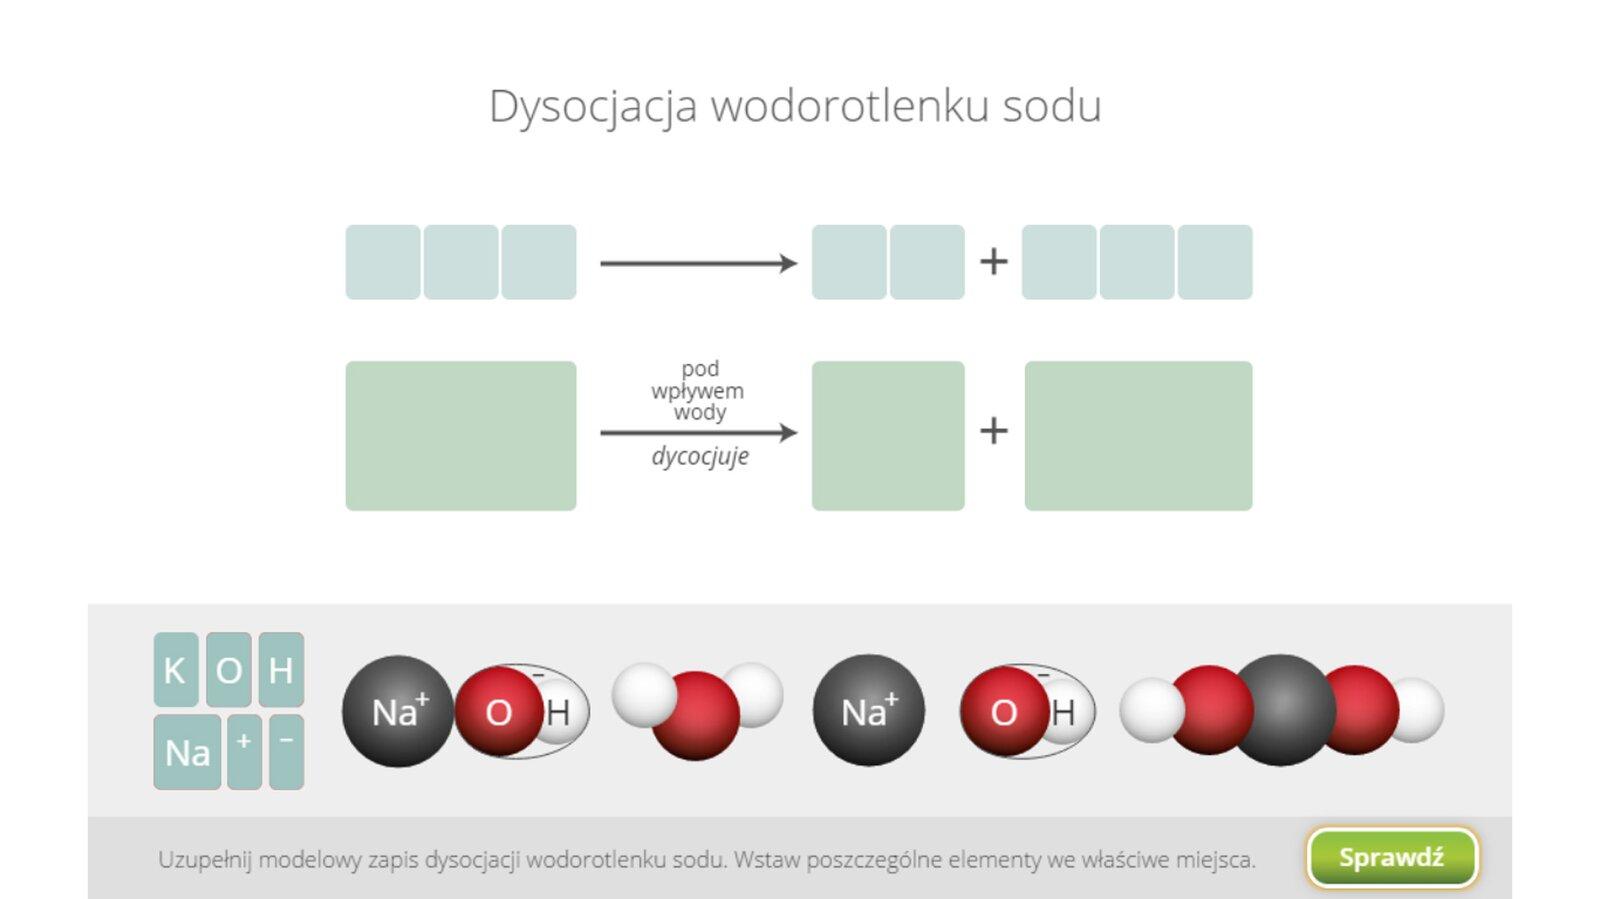 Aplikacja interaktywna wformie układanki. Wgórnej części znajduje się napis Dysocjacja wodorotlenku sodu. Wcentralnej części okna znajduje się równanie rozkładu na jony pod wpływem wody. Równanie przedstawione jest dwojako: ugóry wformie tradycyjnego wzoru chemicznego, audołu wpostaci schematu modelowego. Wobu przypadkach równanie jest puste, znajdują się tam tylko znaki strzałki iplusa oraz miejsca do przeciągnięcia elementów zdolnego paska. Wtradycyjnie zapisanym równaniu przewidziano po jednym miejscu dla symboli atomów, jonów iładunków jonów. Wzapisie modelowym każde miejsce odpowiada pełnemu modelowi. Wdolnej części okna aplikacji, na tle szarego prostokąta znajdują się małe prostokąty zsymbolami pierwiastków K, O, HiNa oraz symbolami plus iminus. Obok znajdują się następujące modele trójelementowy podpisany jako Na plus OH minus, trójelementowy model wody bez podpisów, jednoelementowy Na plus, dwuelementowy OH minus oraz pięcioelementowy bez podpisów. Zadaniem użytkownika jest uzupełnienie właściwymi elementami zapisu reakcji poprzez wybranie odpowiednich iprzeciągnięcie ich wprzeznaczone dla nich miejsce. Weryfikacji ustawień dokonuje się naciskając przycisk Sprawdź wprawym dolnym rogu okna.